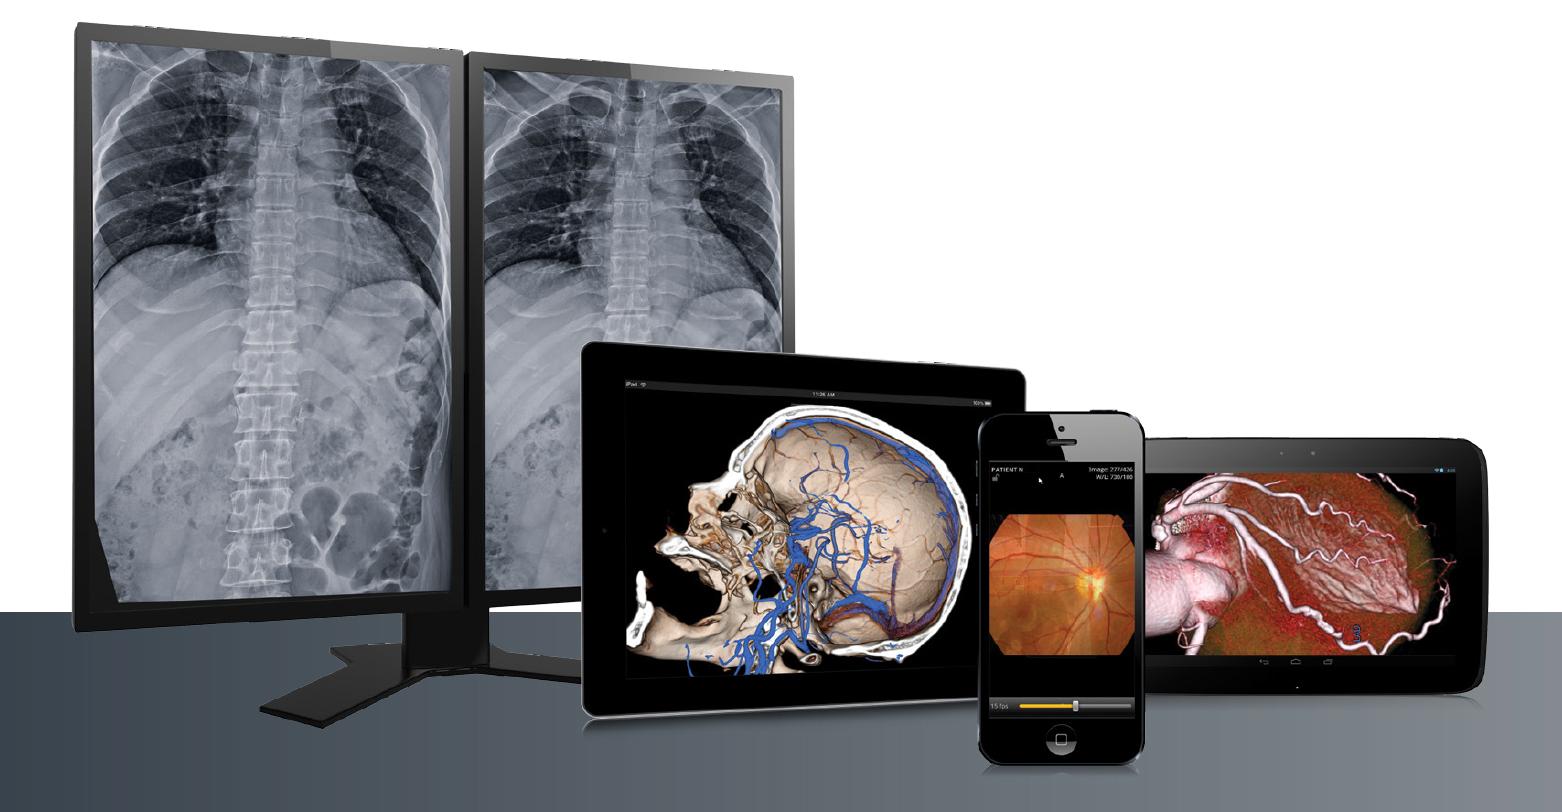 [foto] Imagens de pulmões, crânio, coração e olhos em telas de computadores e dispositivos móveis